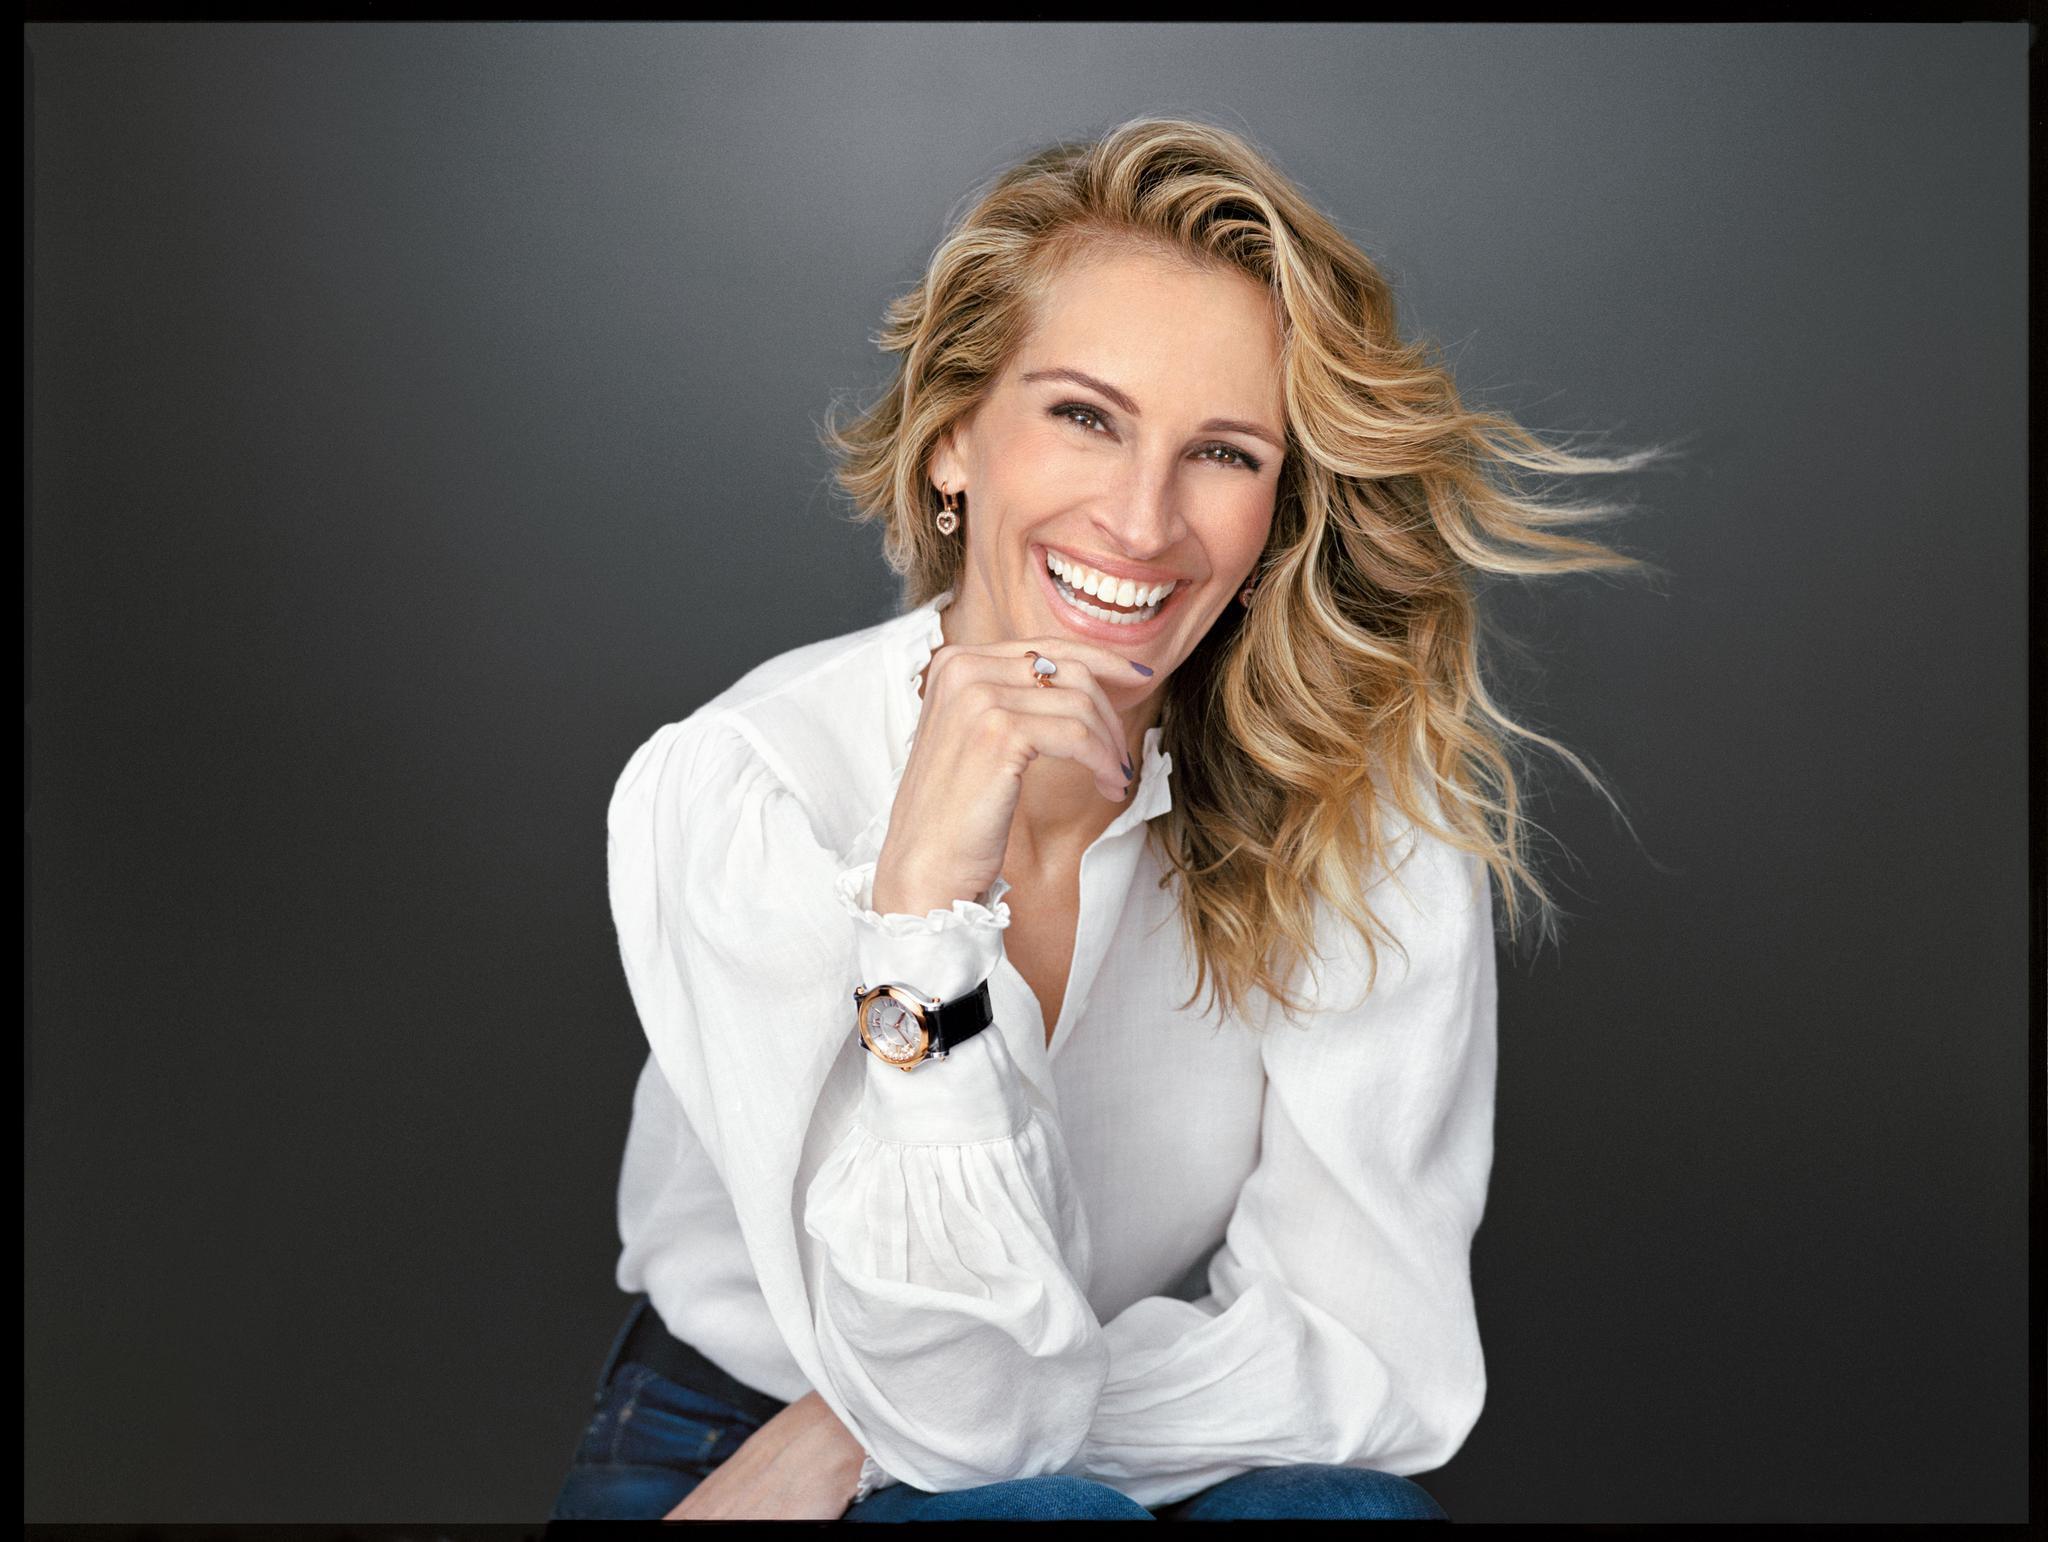 朱莉娅·罗伯茨 钟情Happy Sport系列腕表 尽享生命喜悦的欢欣邂逅